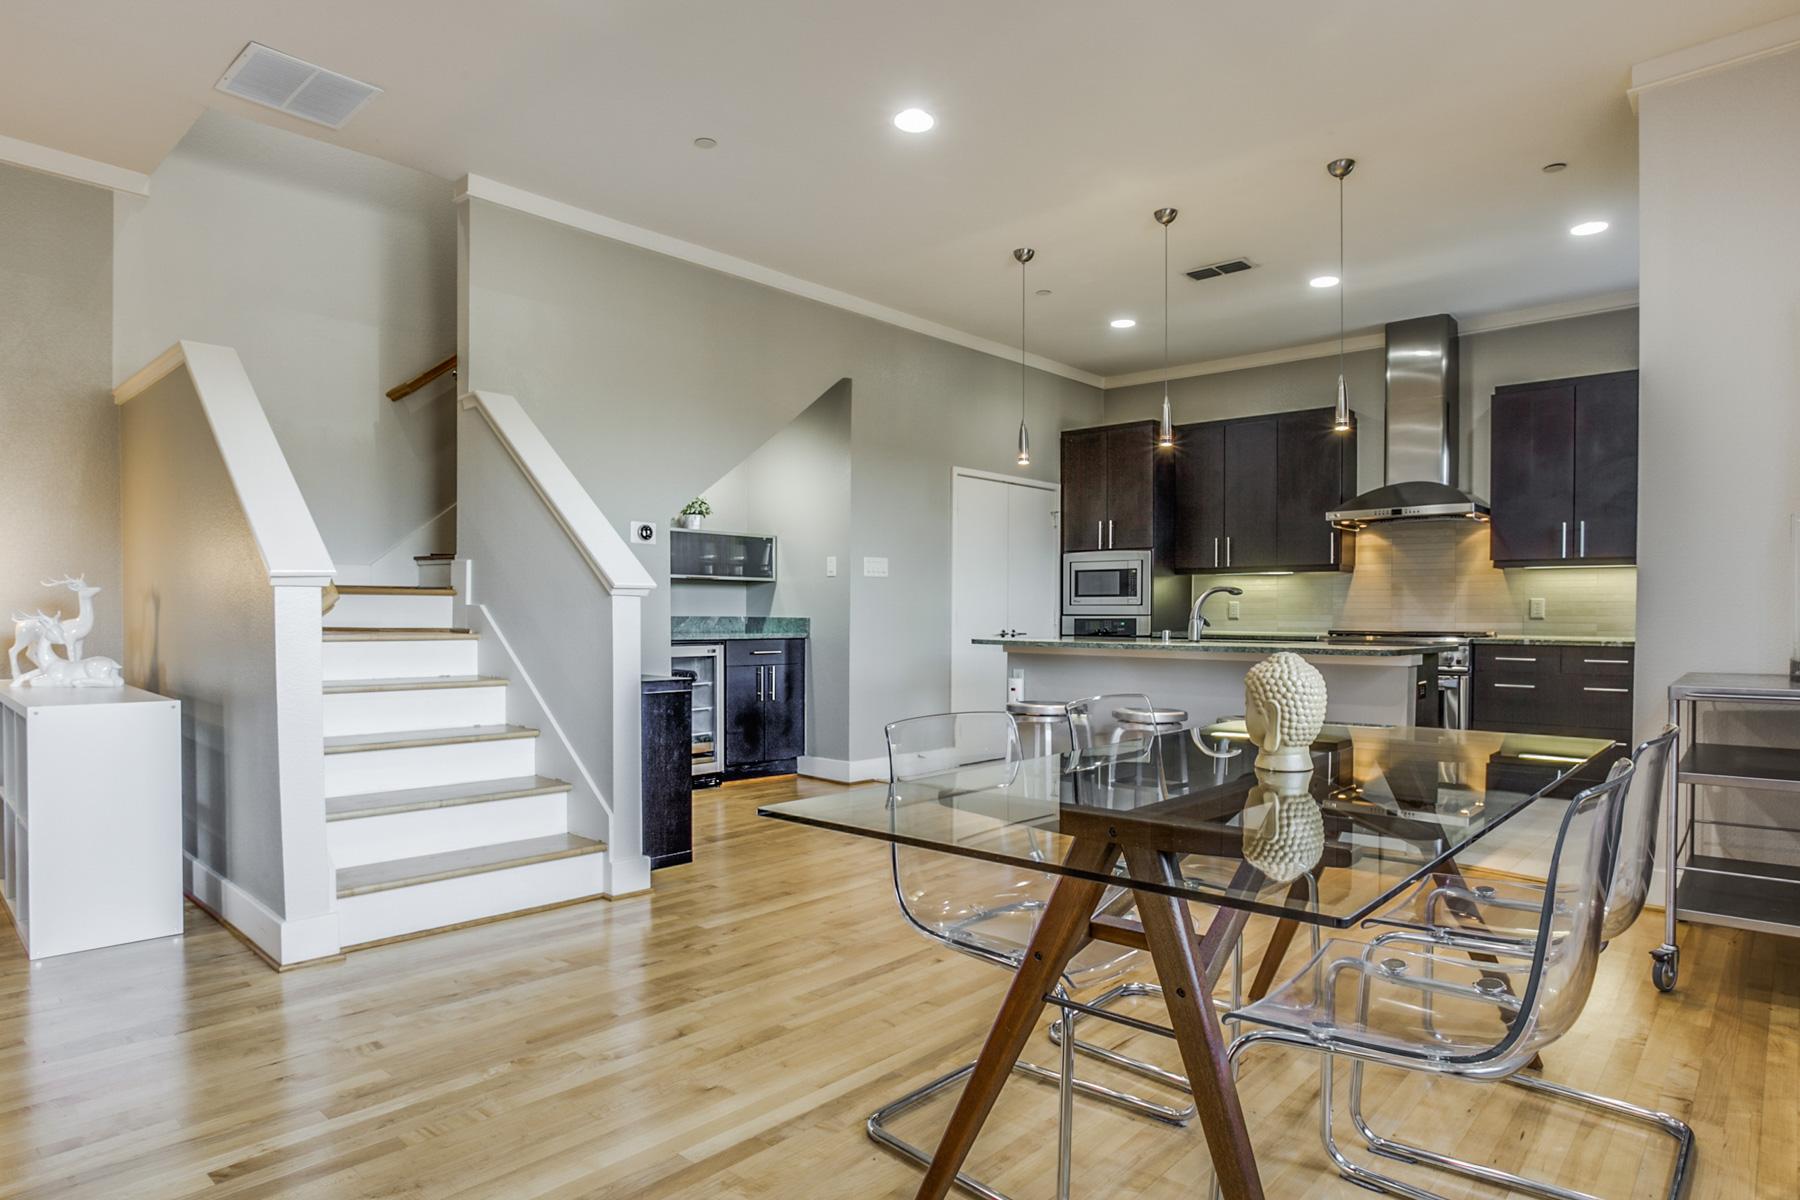 Tek Ailelik Ev için Satış at Cool Contemporary Townhome 2411 N Hall St 32 Dallas, Teksas, 75204 Amerika Birleşik Devletleri